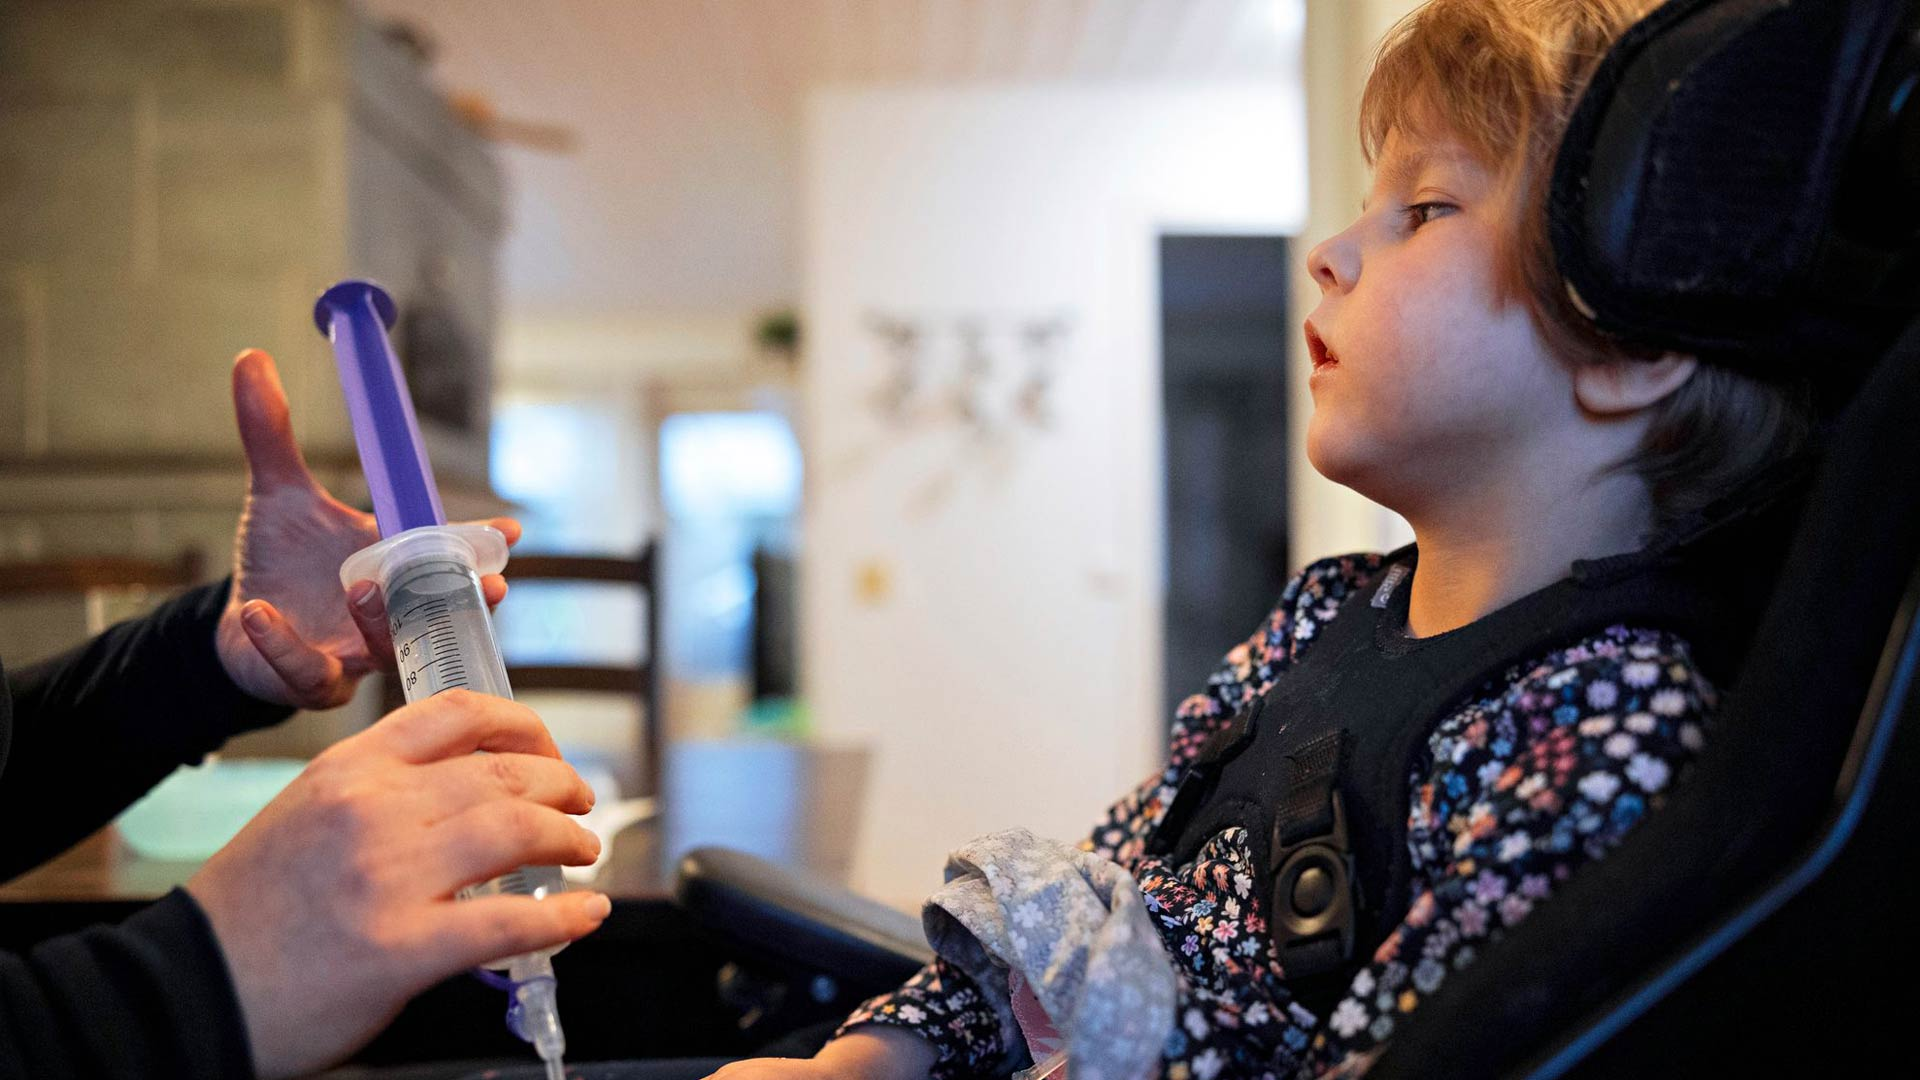 Iitaa syötetään yleensä tavalliseen tapaan lusikalla, mutta nestettä hän on saanut suoraan vatsaan PEG-napin kautta sen jälkeen, kun hän hylkäsi tuttipullon eikä juottaminen muutoin onnistunut.